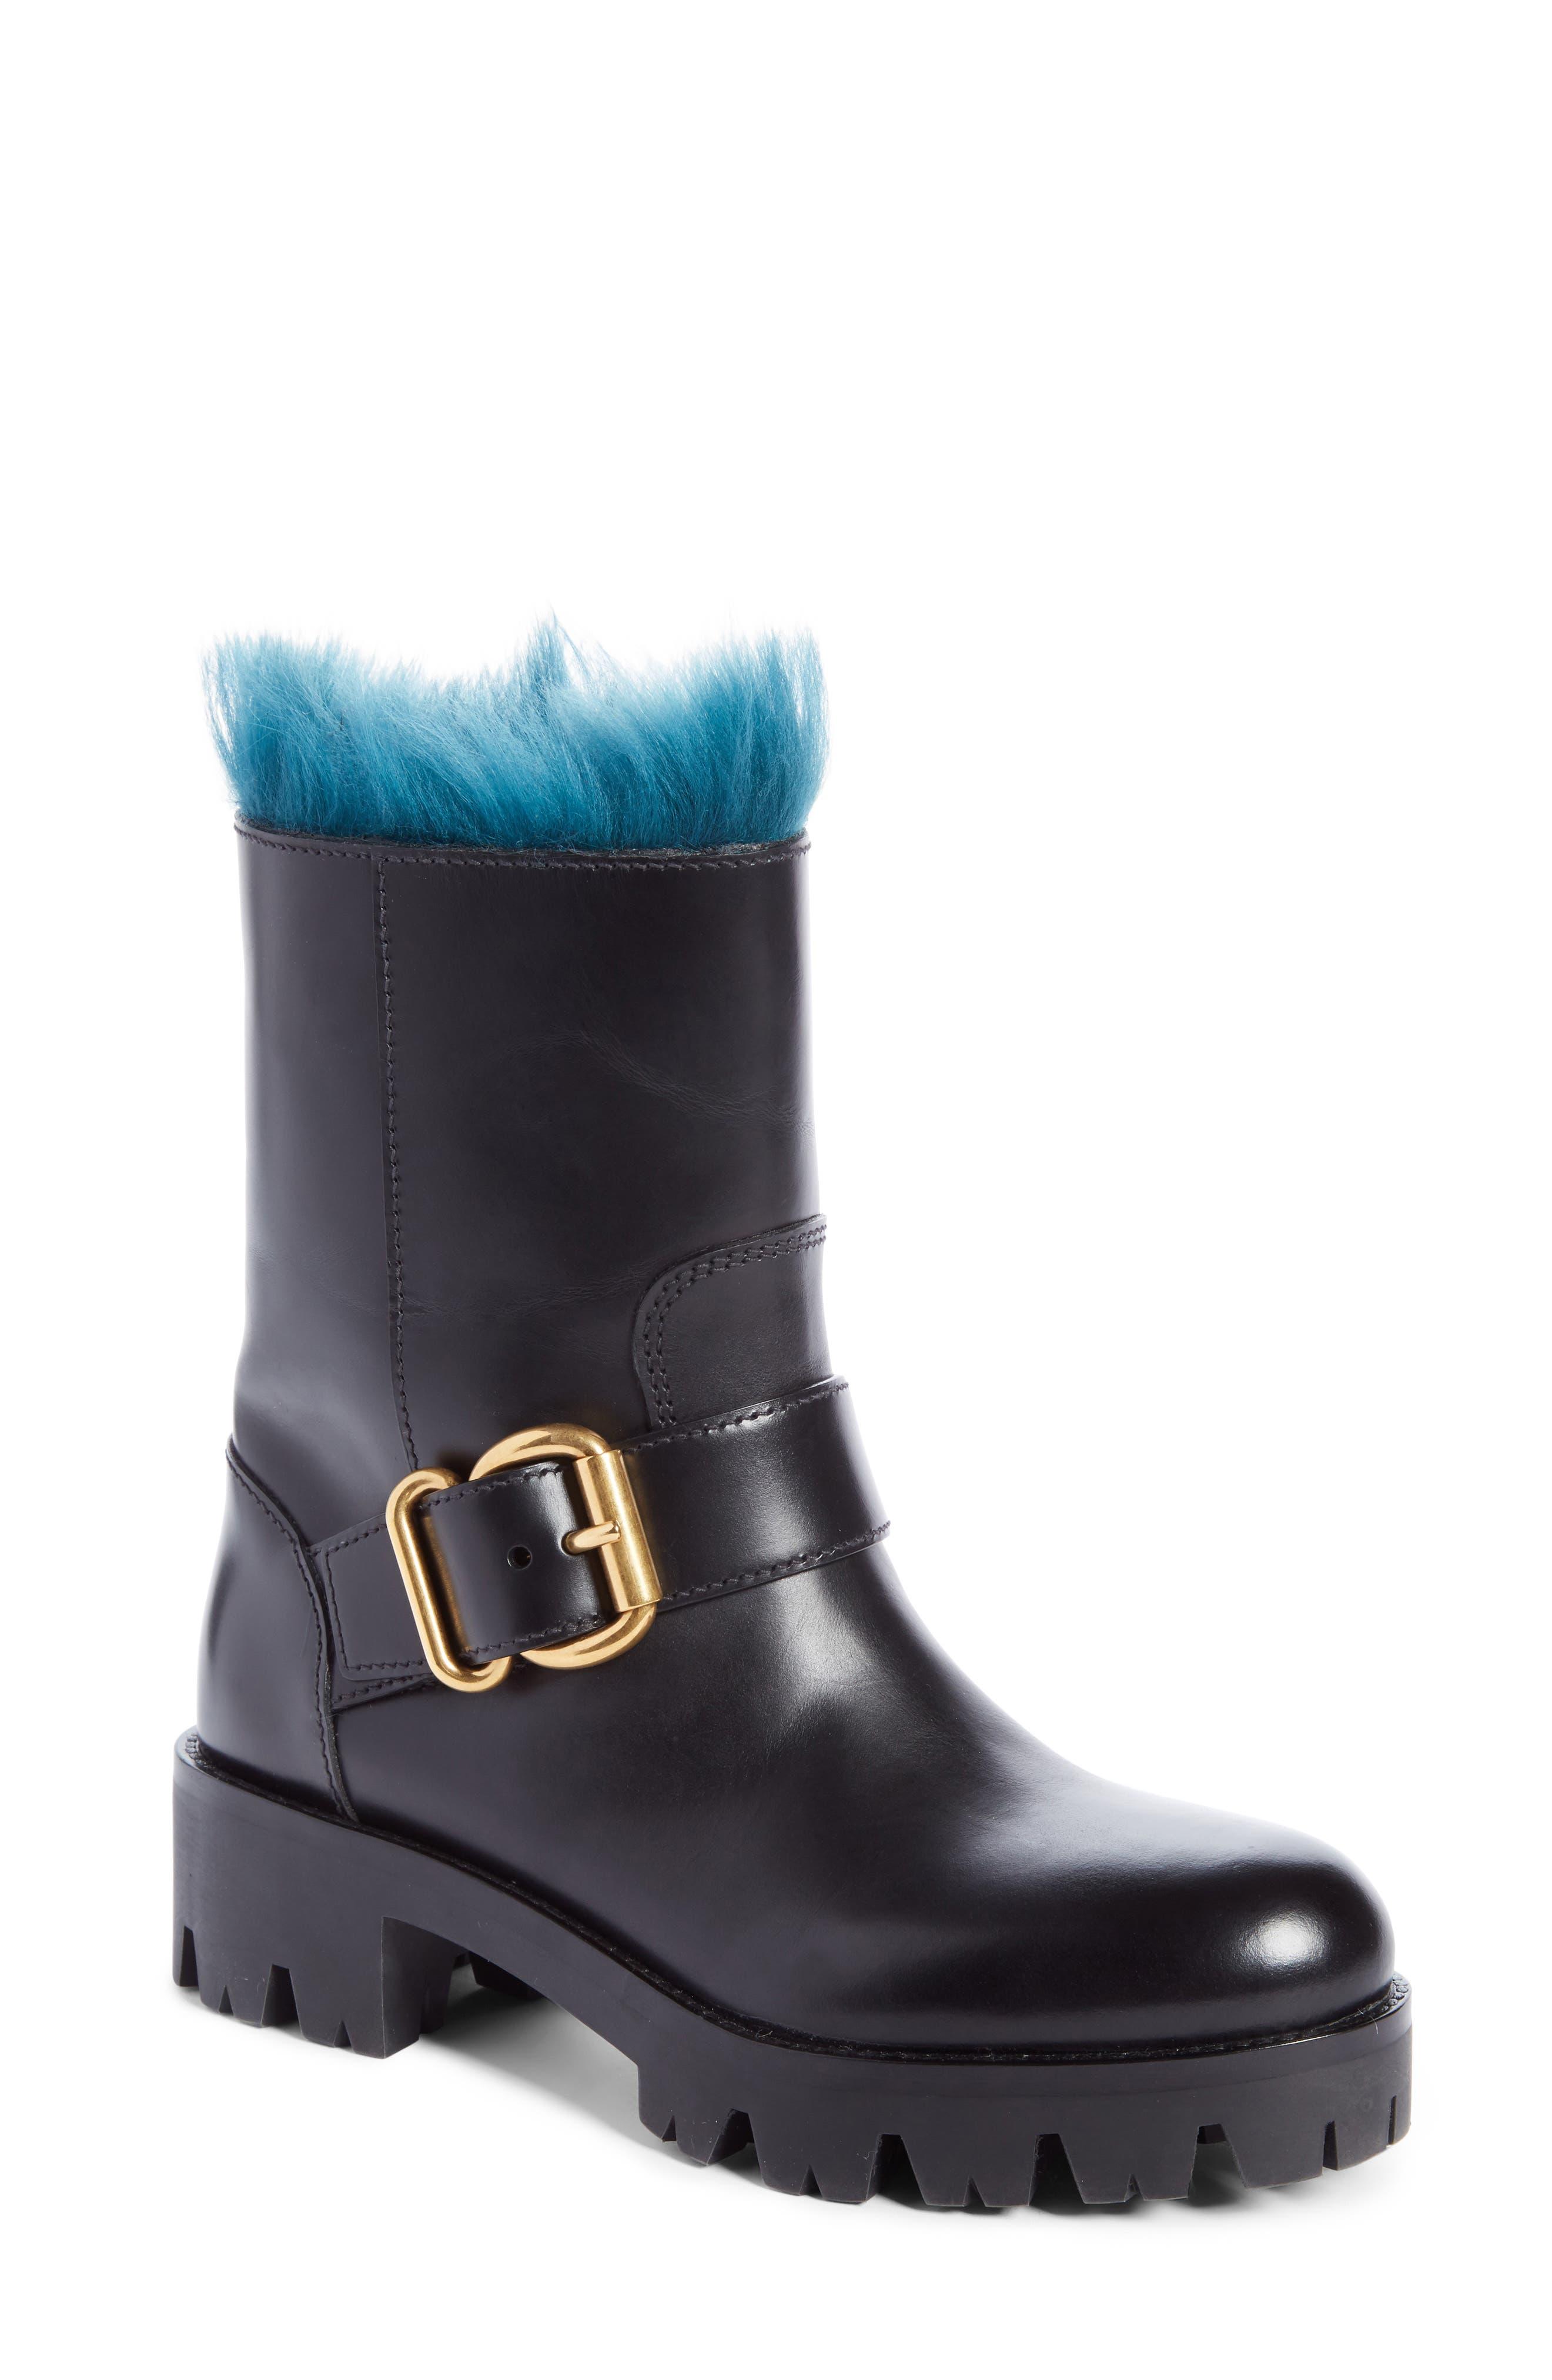 Alternate Image 1 Selected - Prada Genuine Shearling Lined Boot (Women)